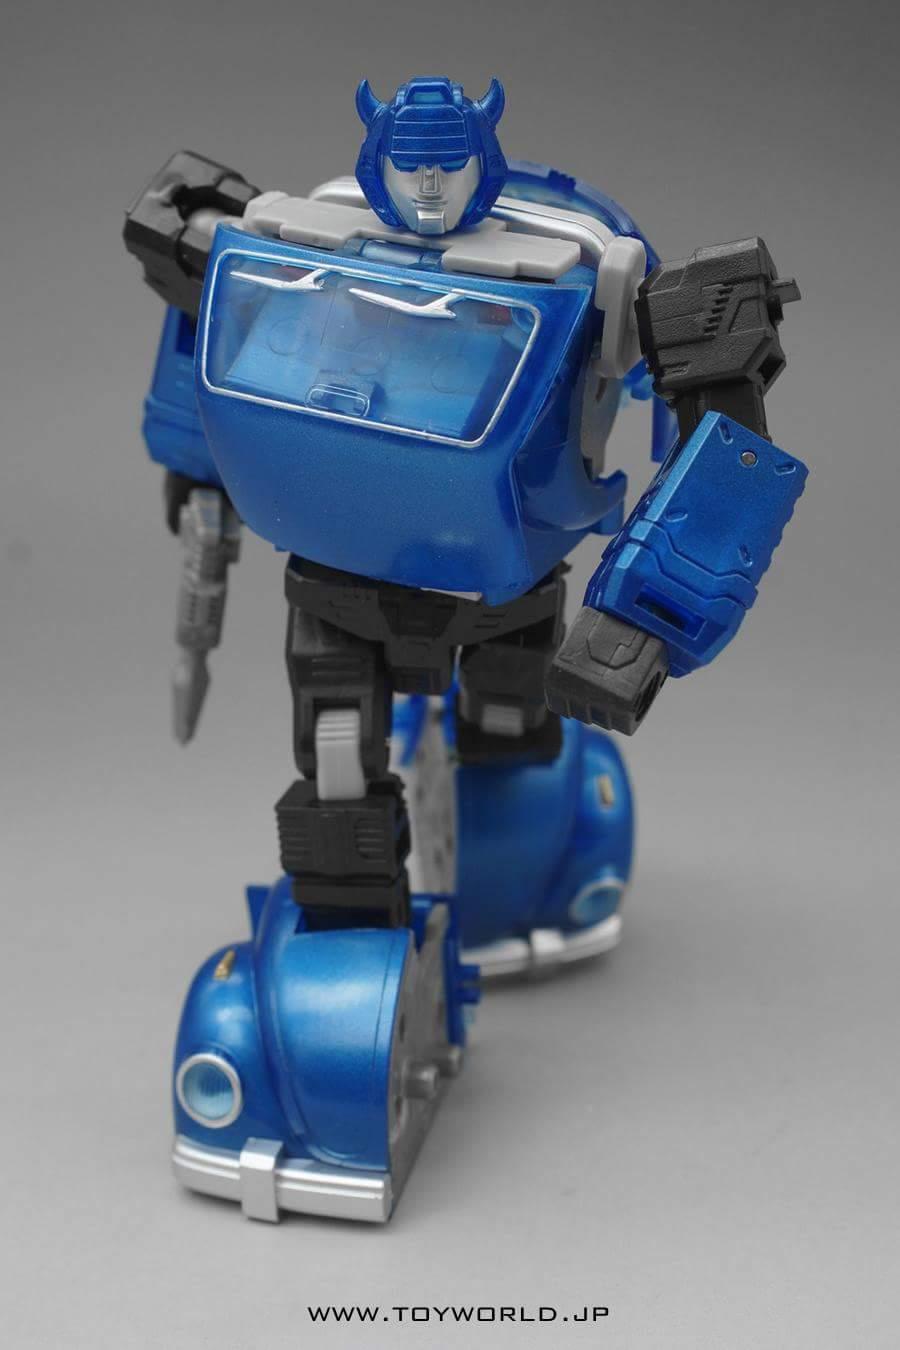 [Toyworld][Zeta Toys] Produit Tiers - Minibots MP - Gamme EX KEiaezAb